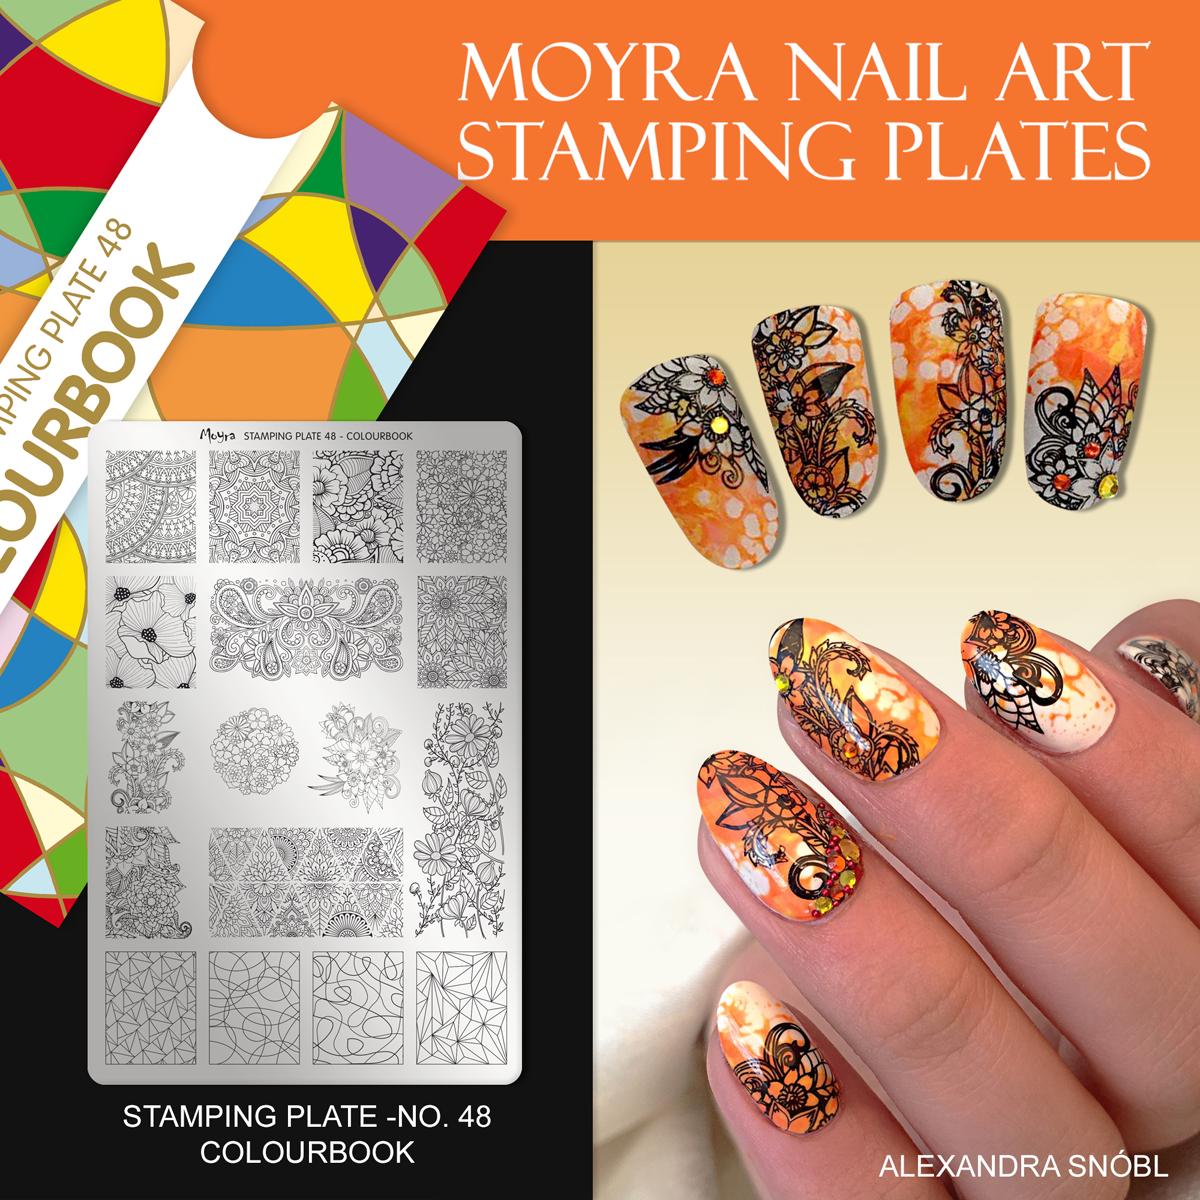 Moyra Nail Art Stamping Plate No. 48 Colourbook